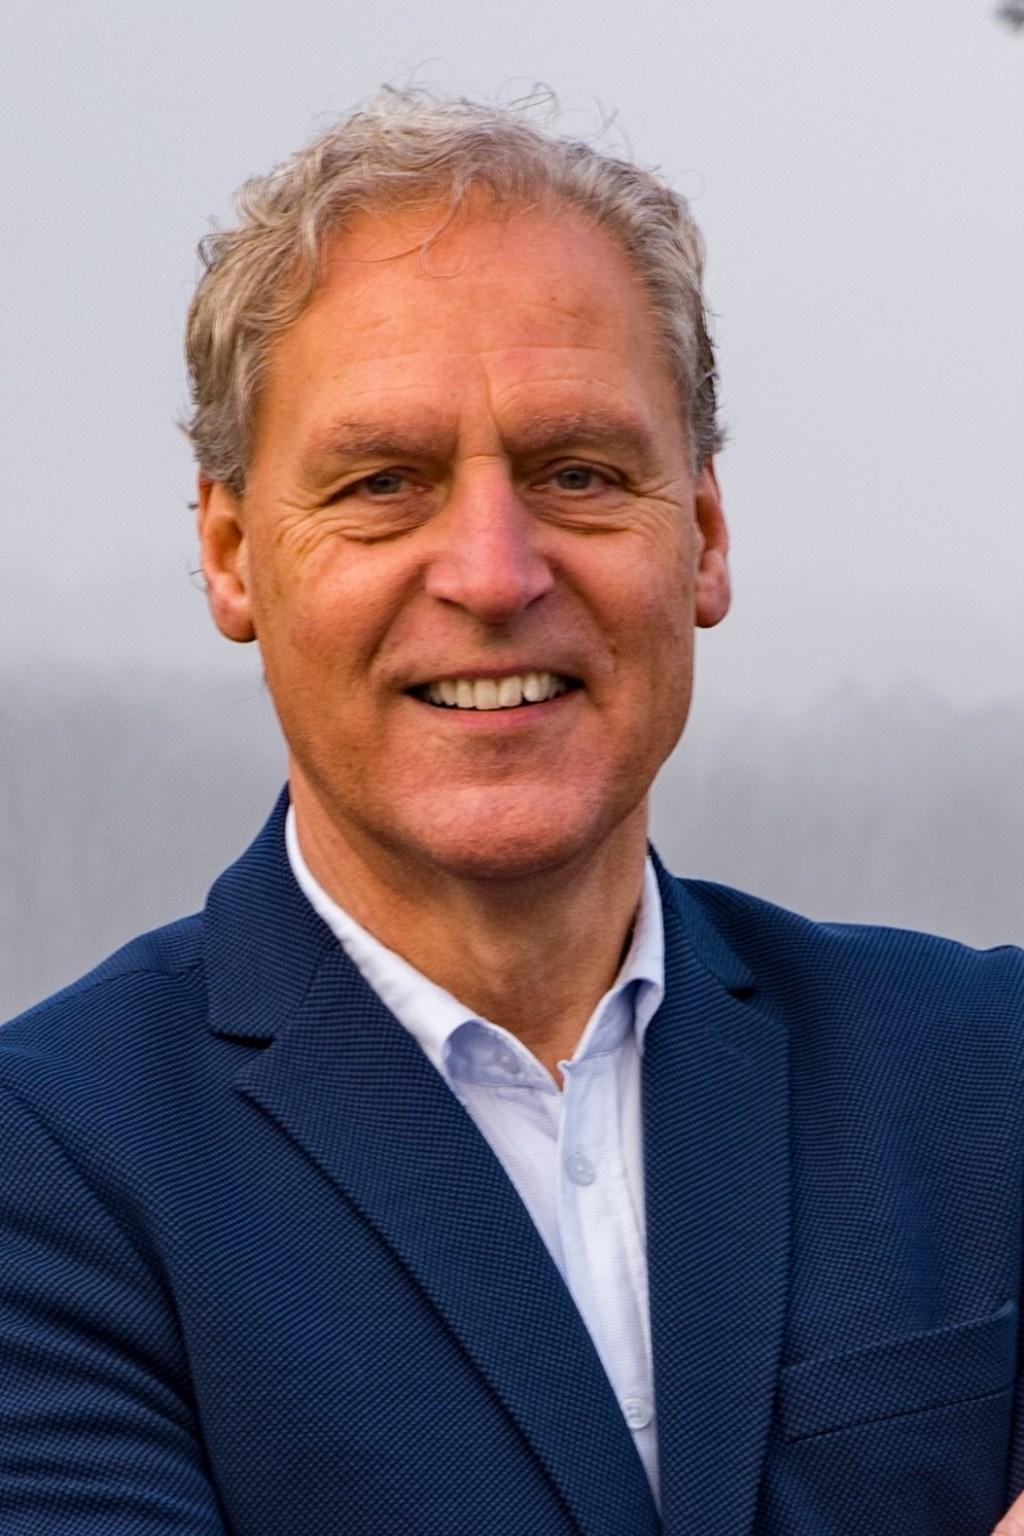 Marcel Sturkenboom (GL-PvdA) wil niet weglopen voor noodzakelijke maatregelen. Privé © BDU media